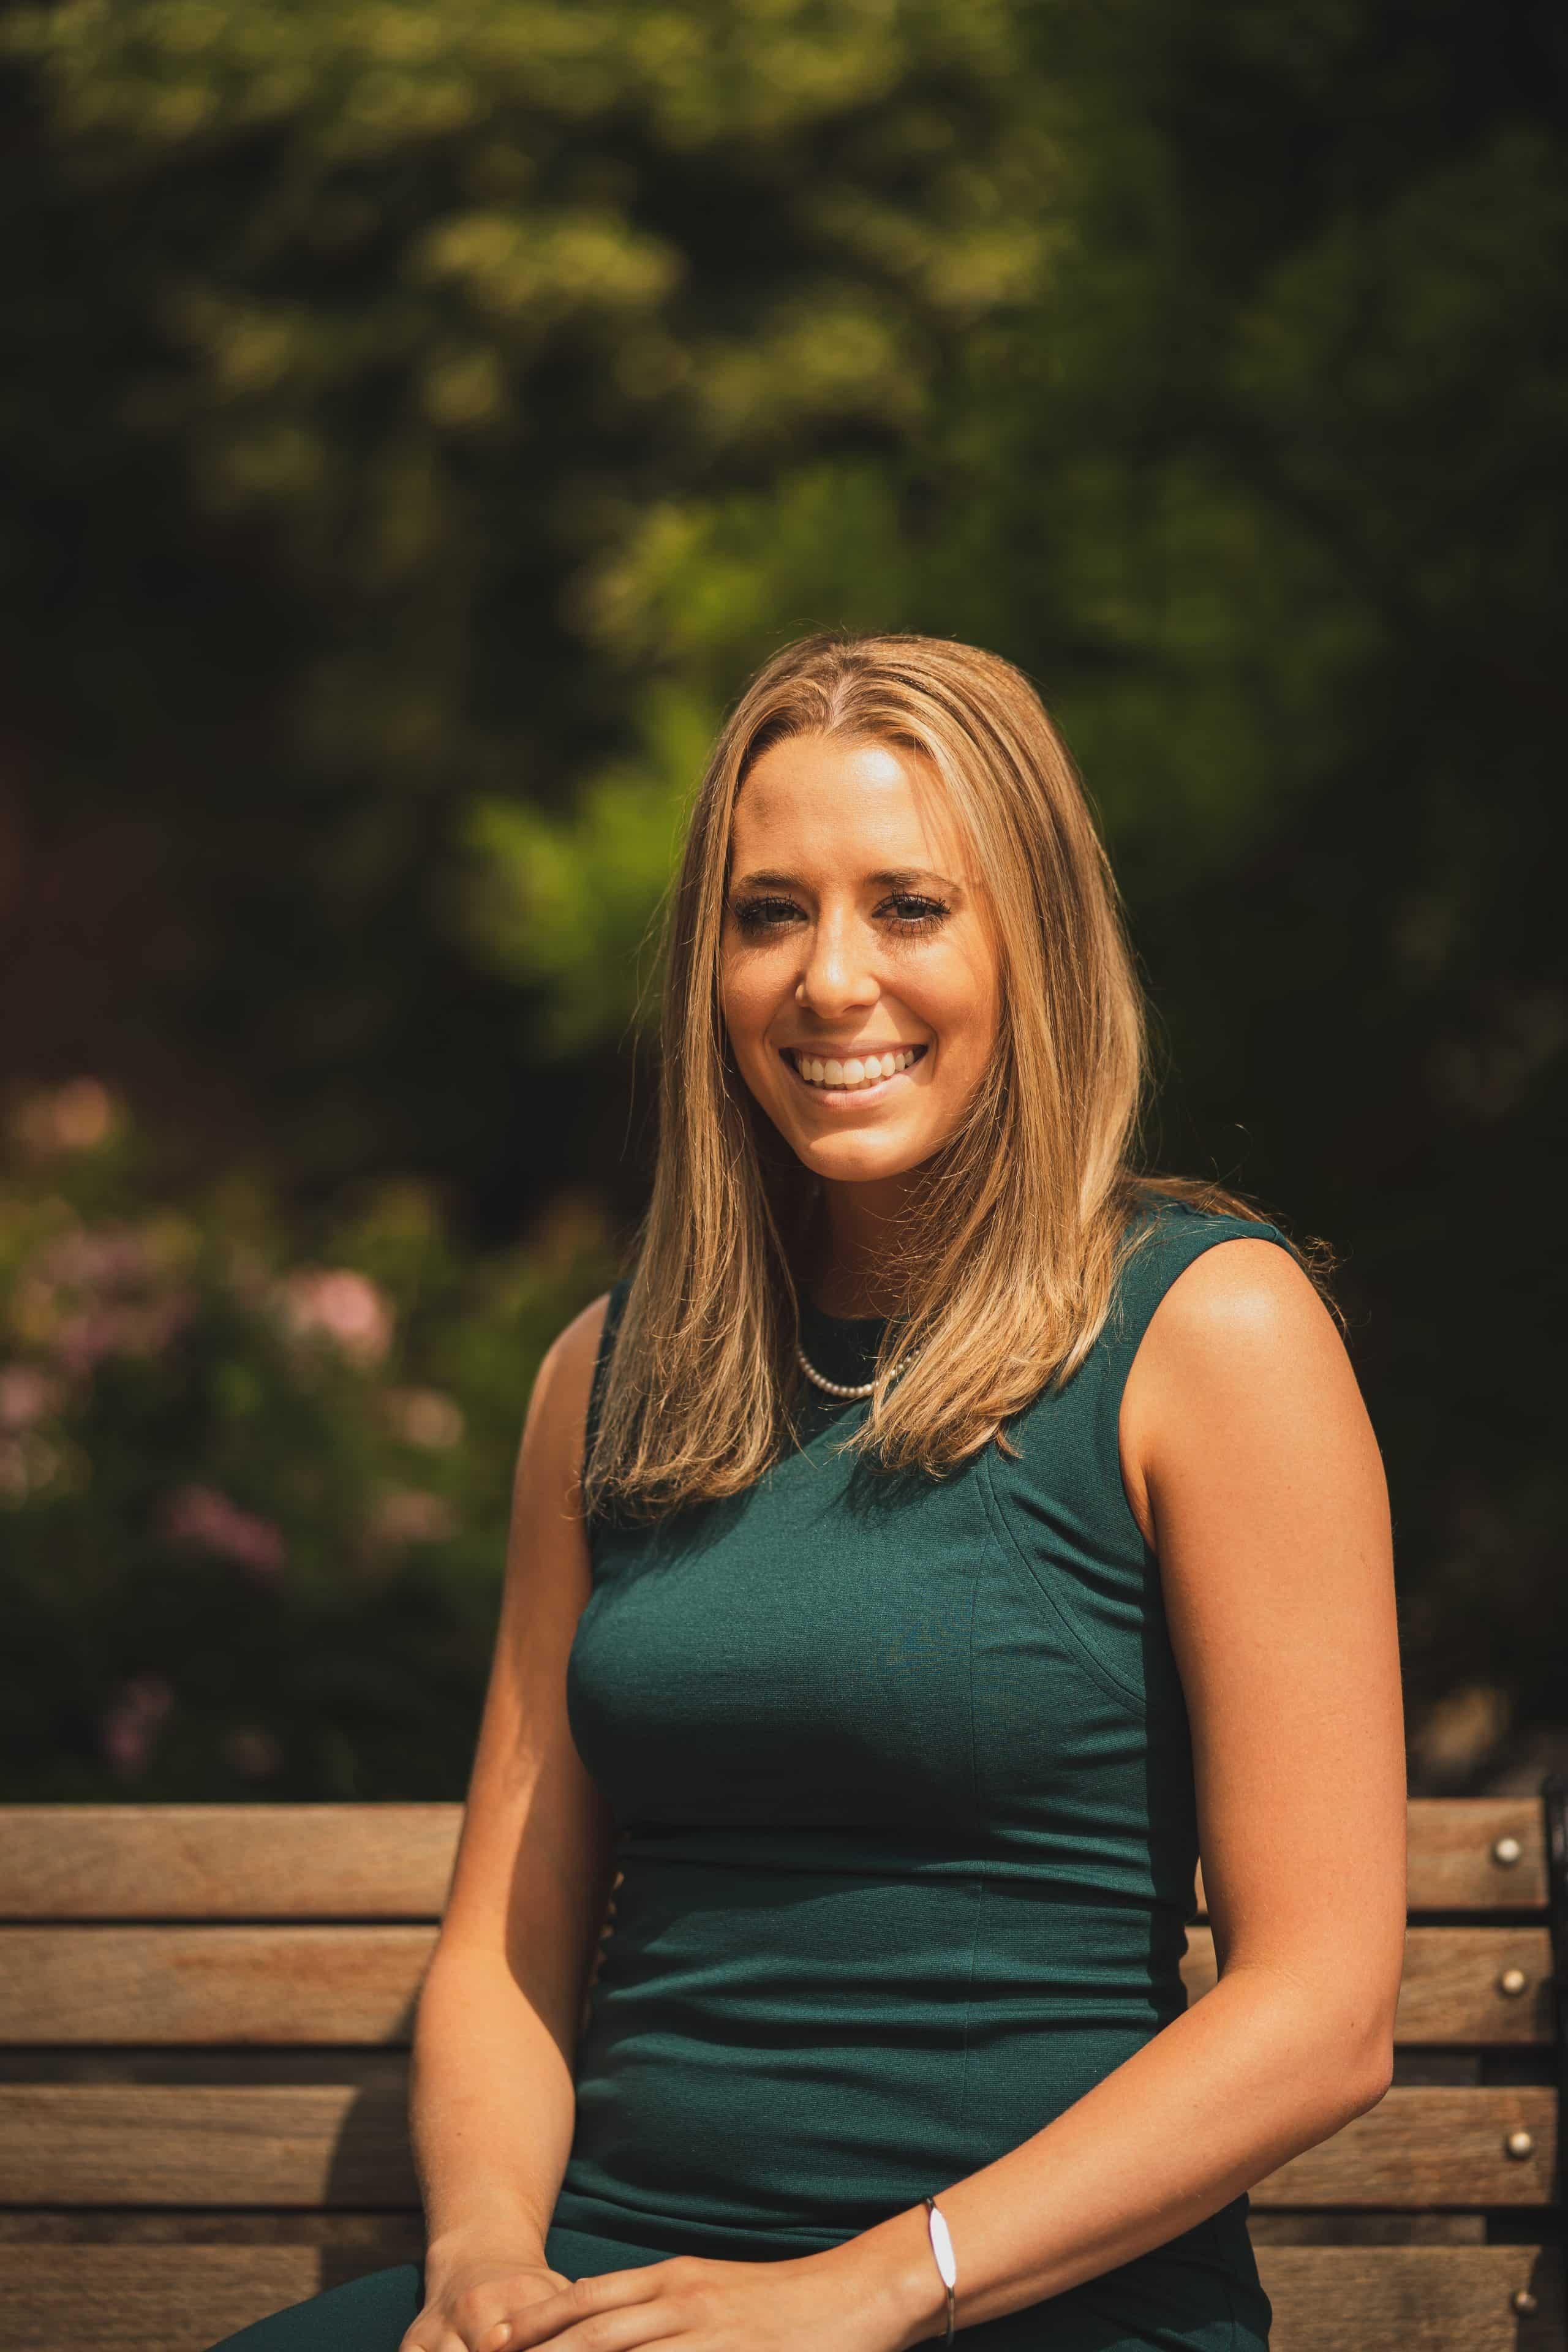 Lesley Harlem's Profile Image